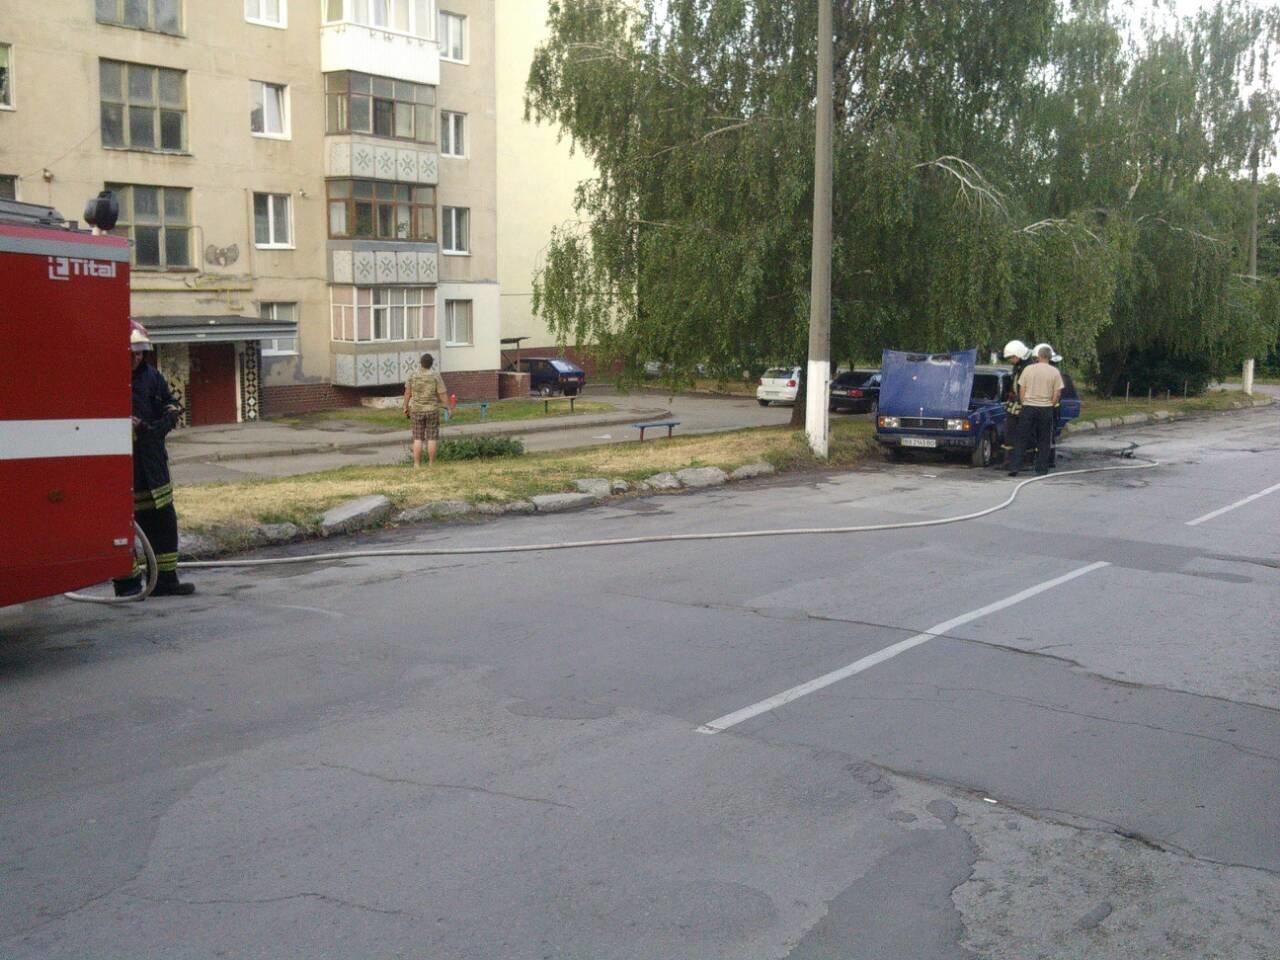 Черговий автомобіль згорів у Кам'янці-Подільському, фото-1